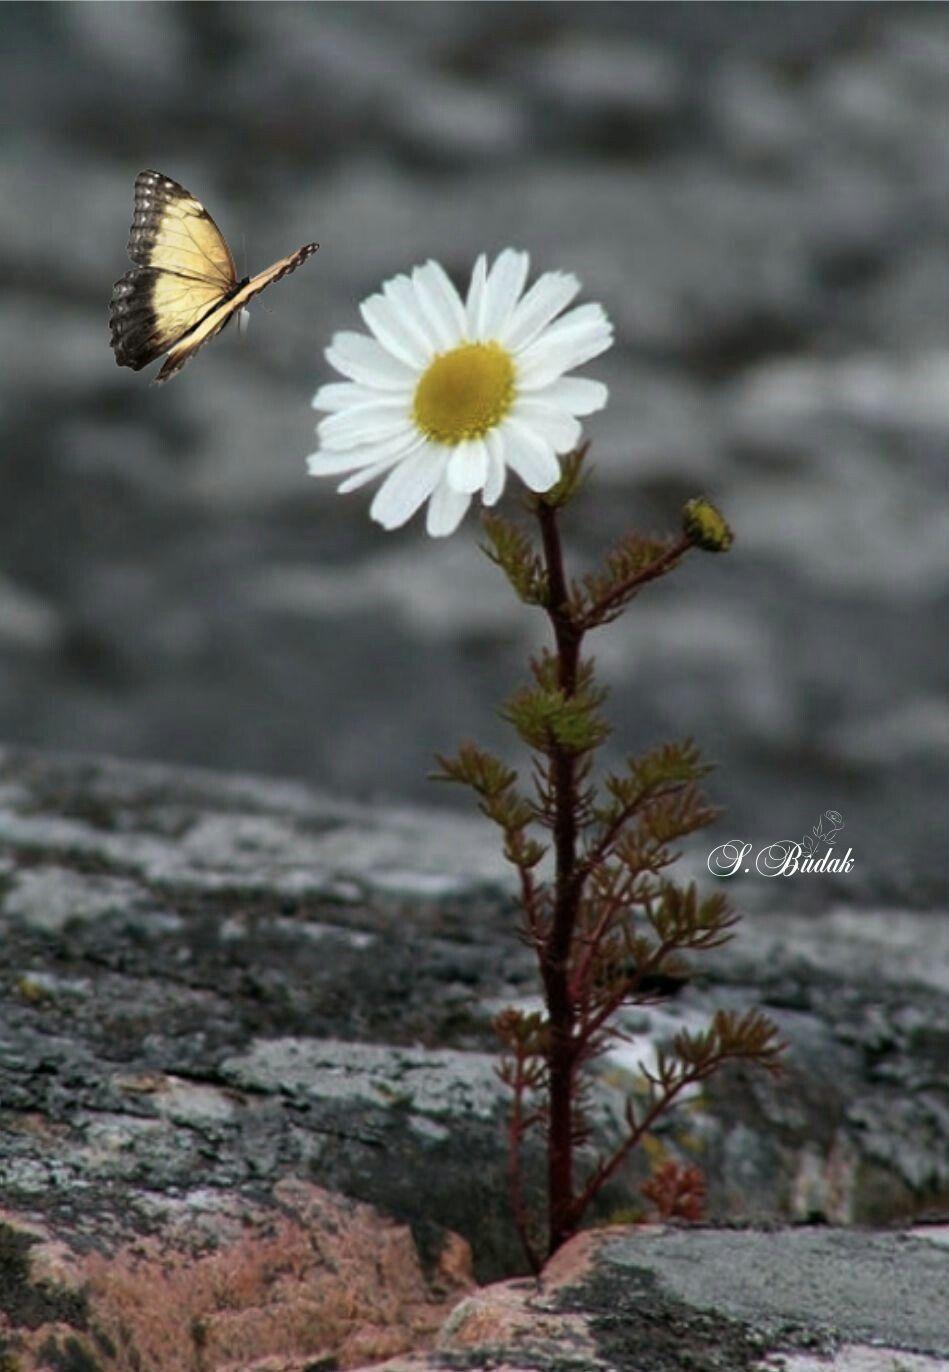 Pin von Louise Dunaway auf A touch of color | Pinterest | Blumen ...